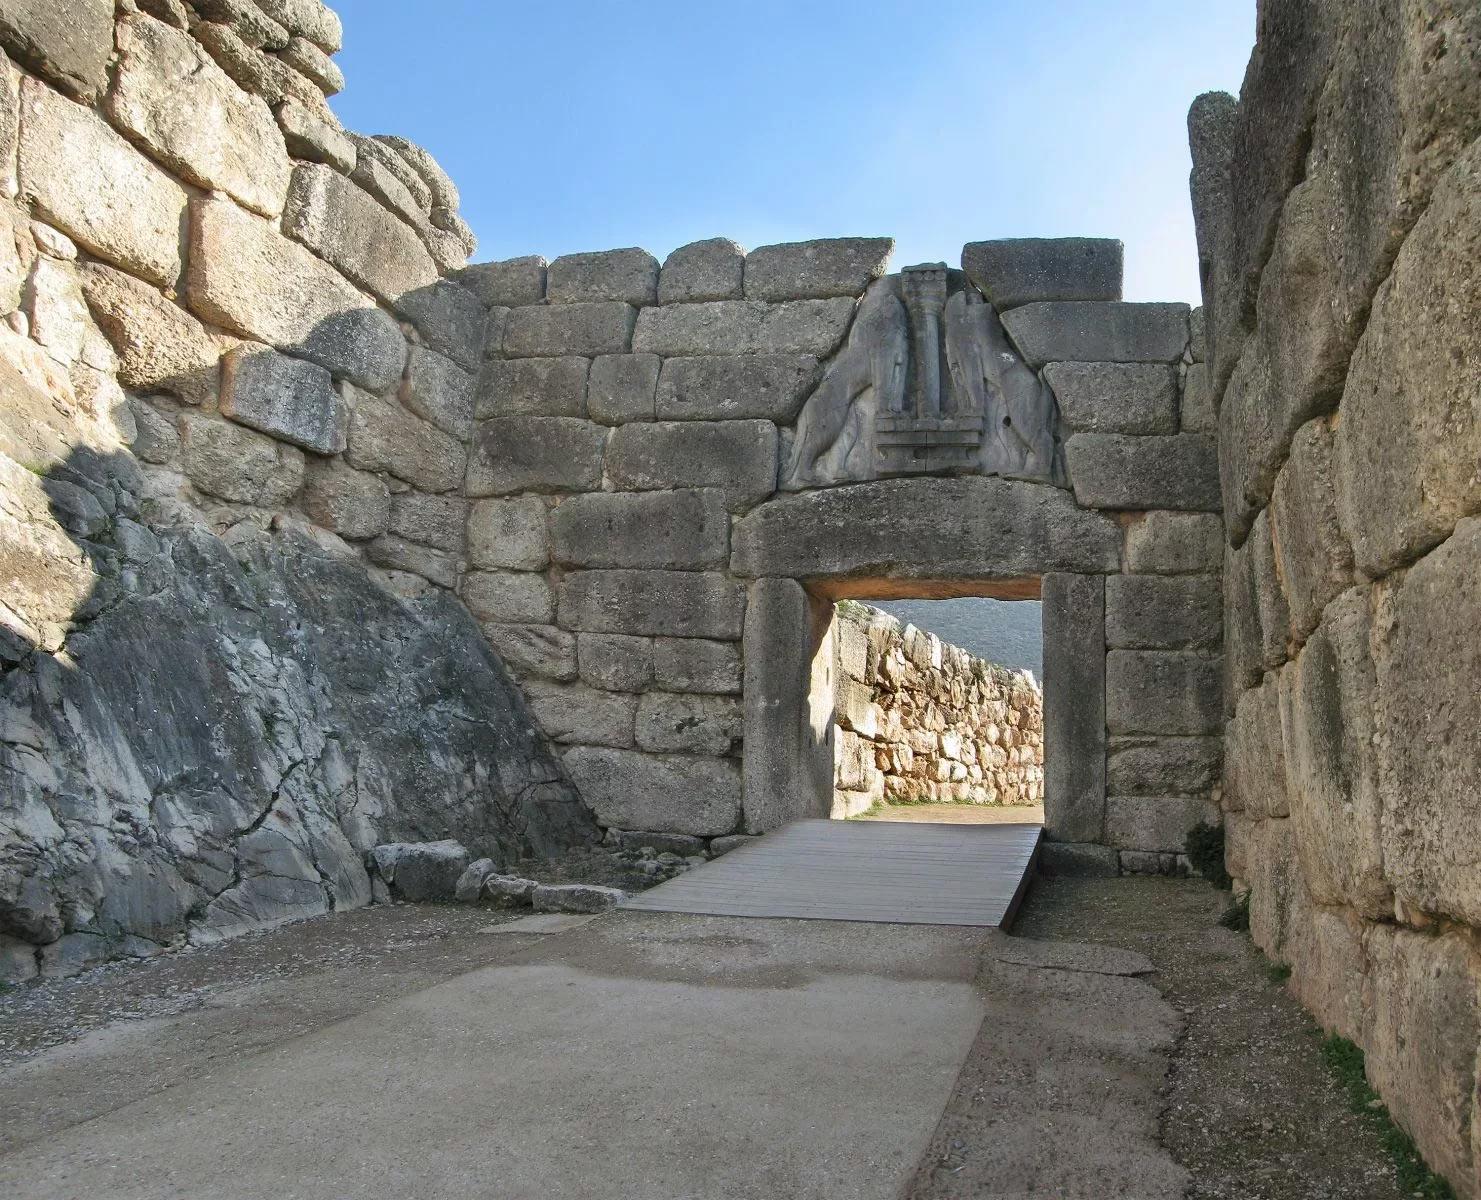 Микены - один из прото-греческих городов. Одного взгляда на эти стены достаточно, чтобы понять, что строили их люди с крайне основательным взглядом на жизнь